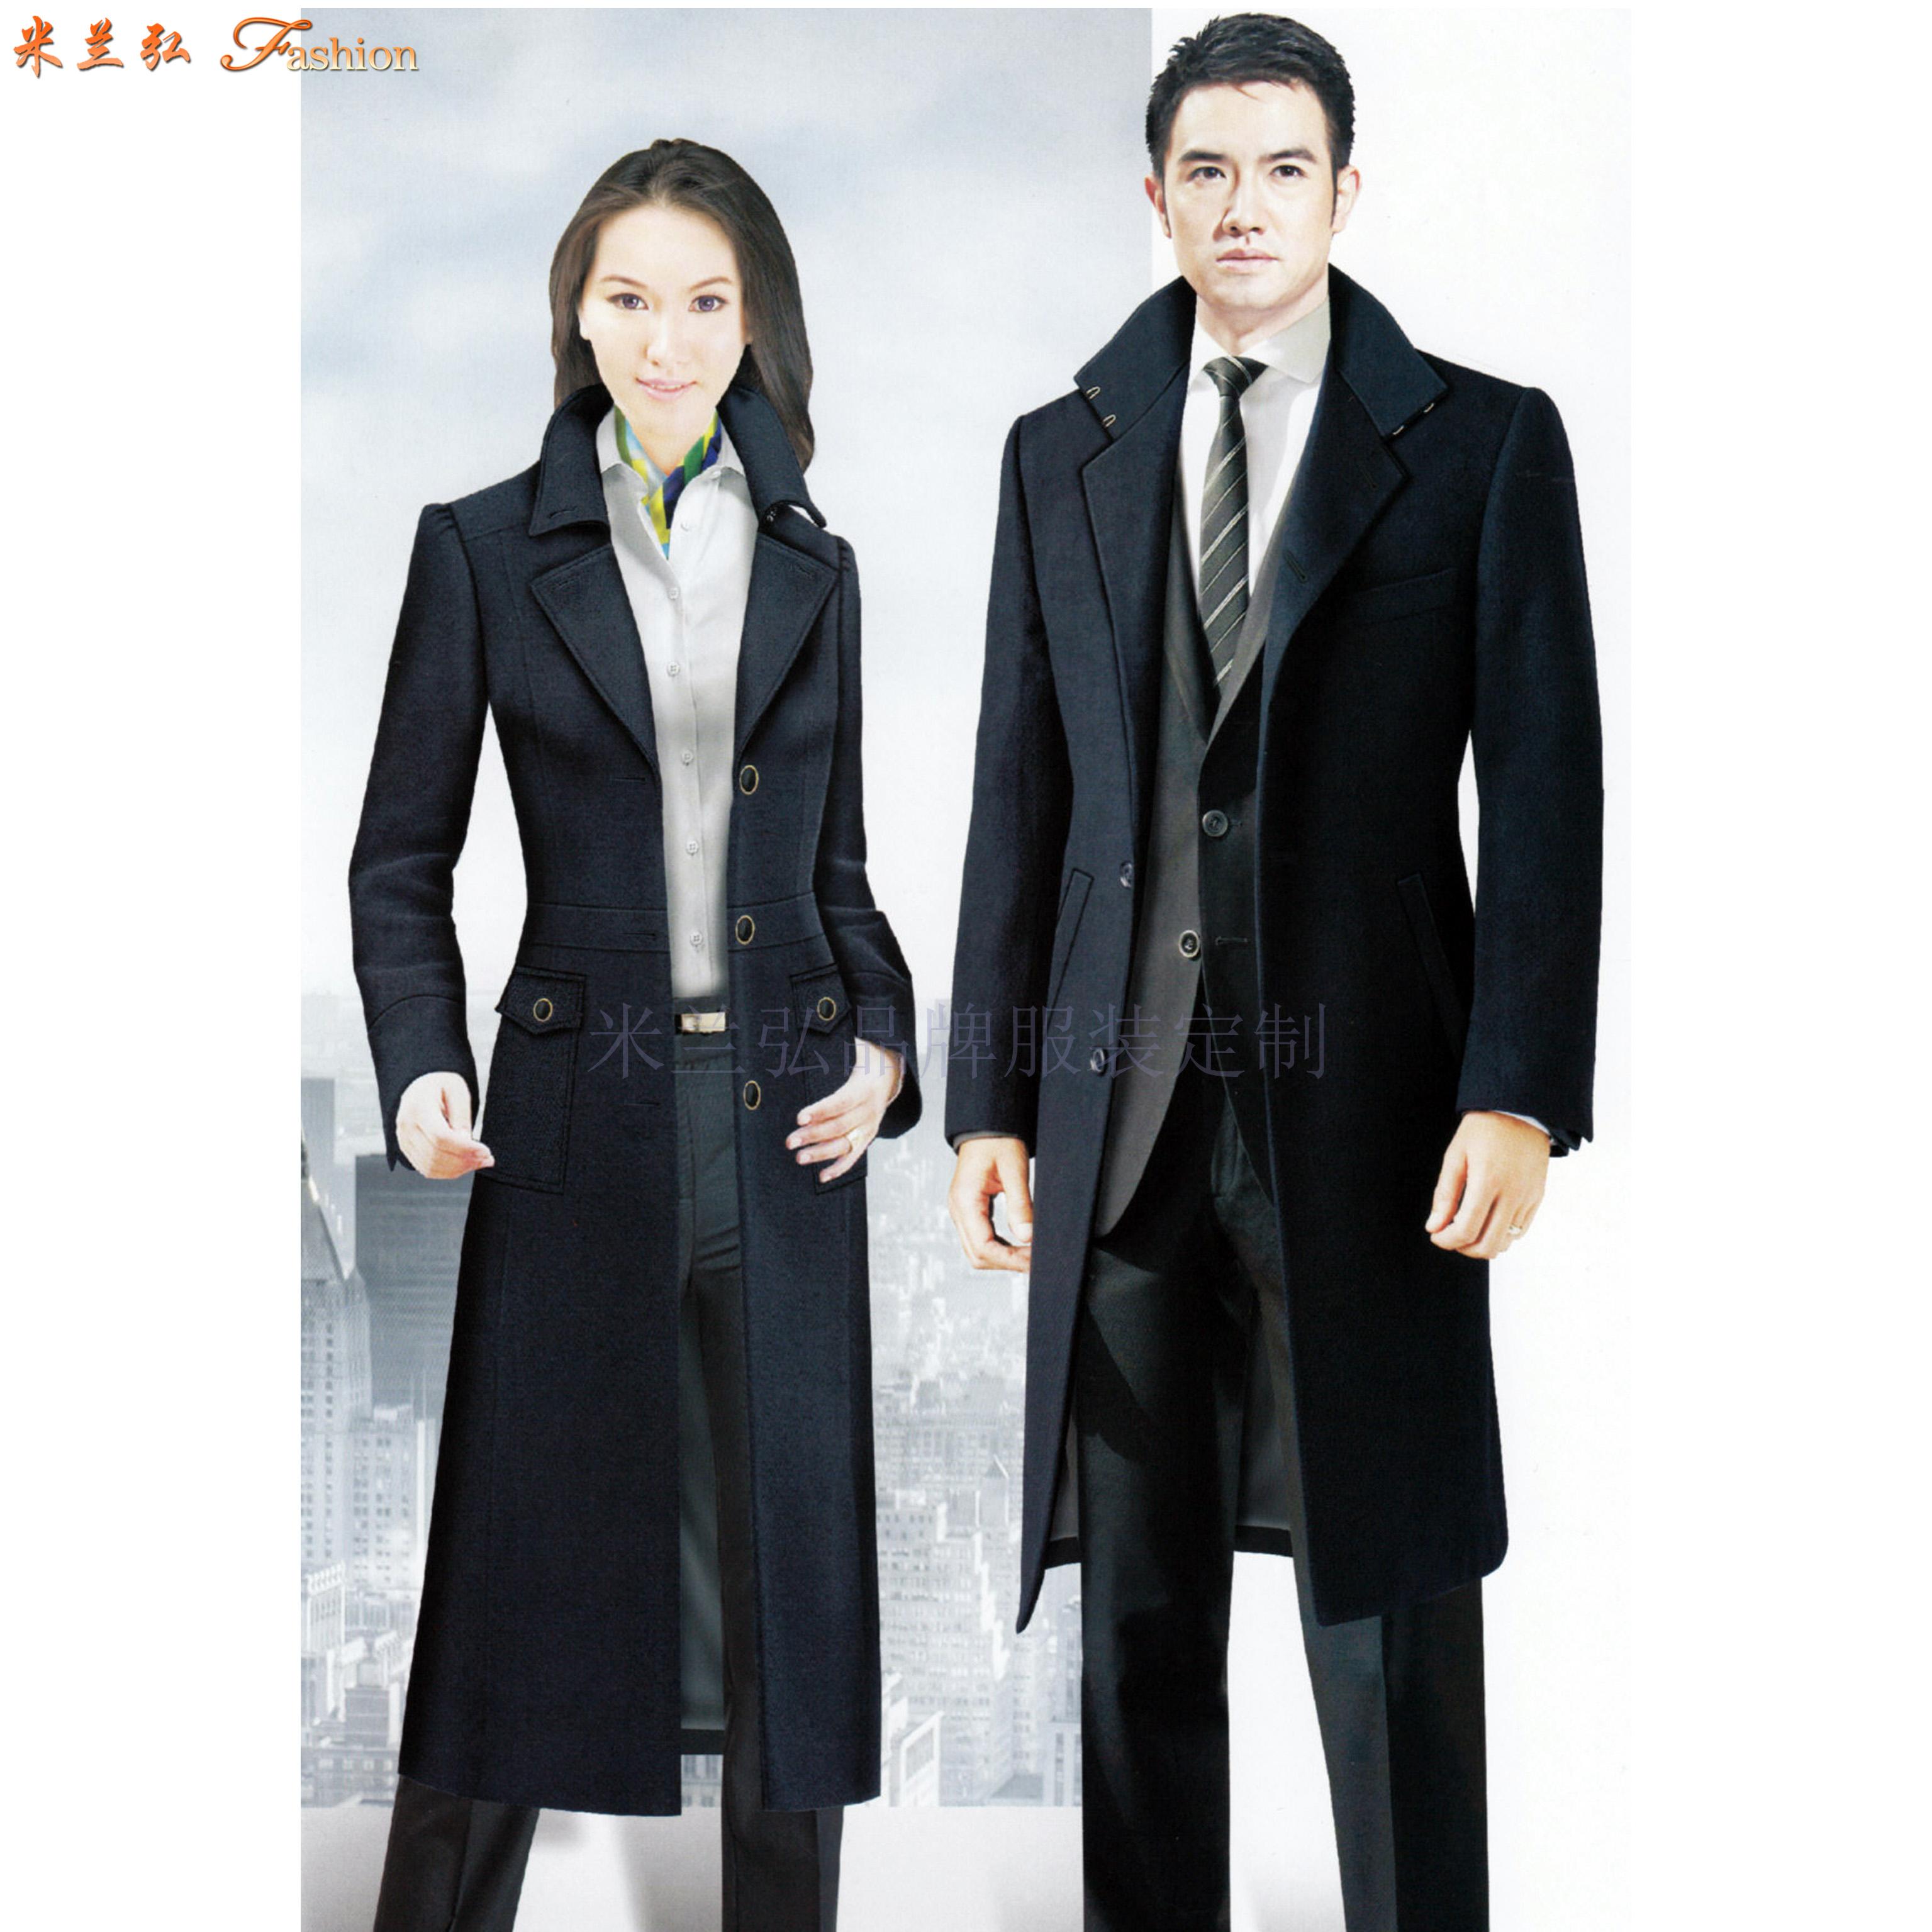 「寧夏大衣」固原市量體訂做羊毛保暖大衣工廠-米蘭弘服裝-4